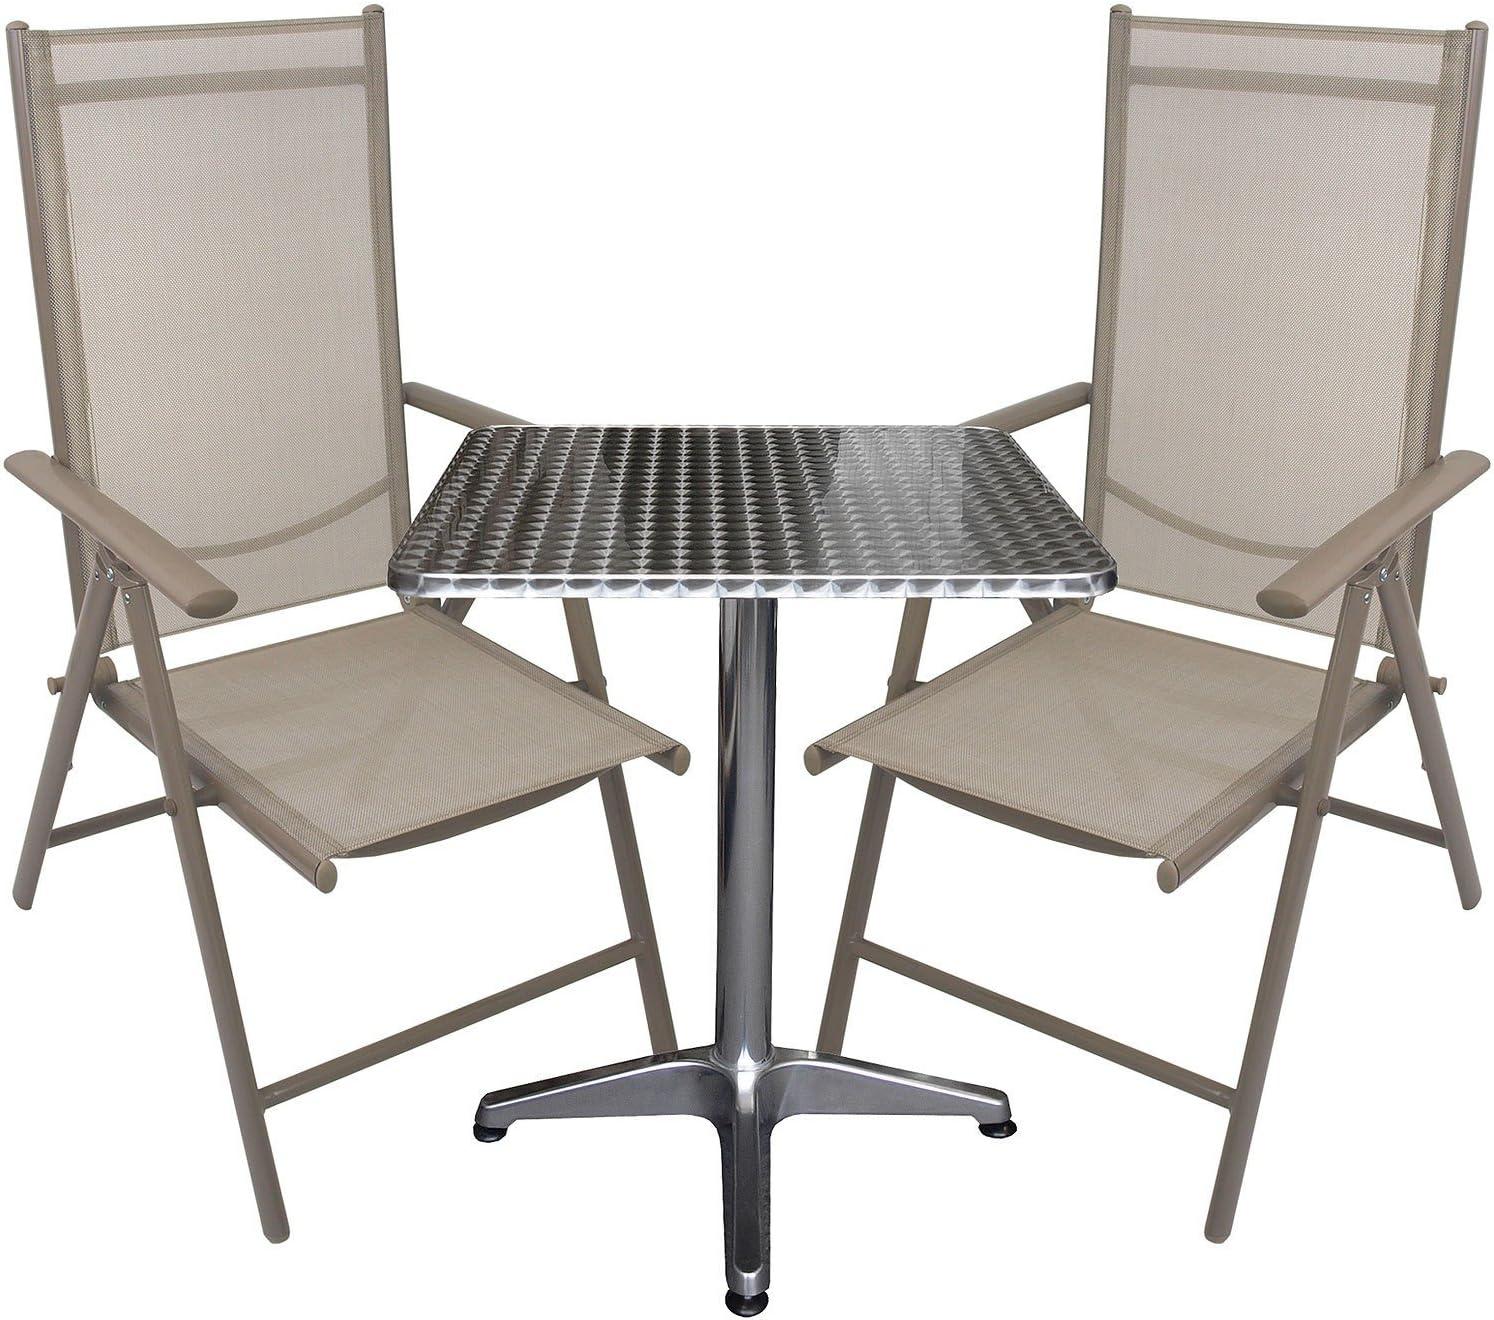 Multistore 2002 3tlg. Bistrogarnitur Bistrotisch 60x60cm + Aluminium Hochlehner mit Textilenbespannung Lehne in 7 Positionen verstellbar Sitzgruppe Sitzgarnitur